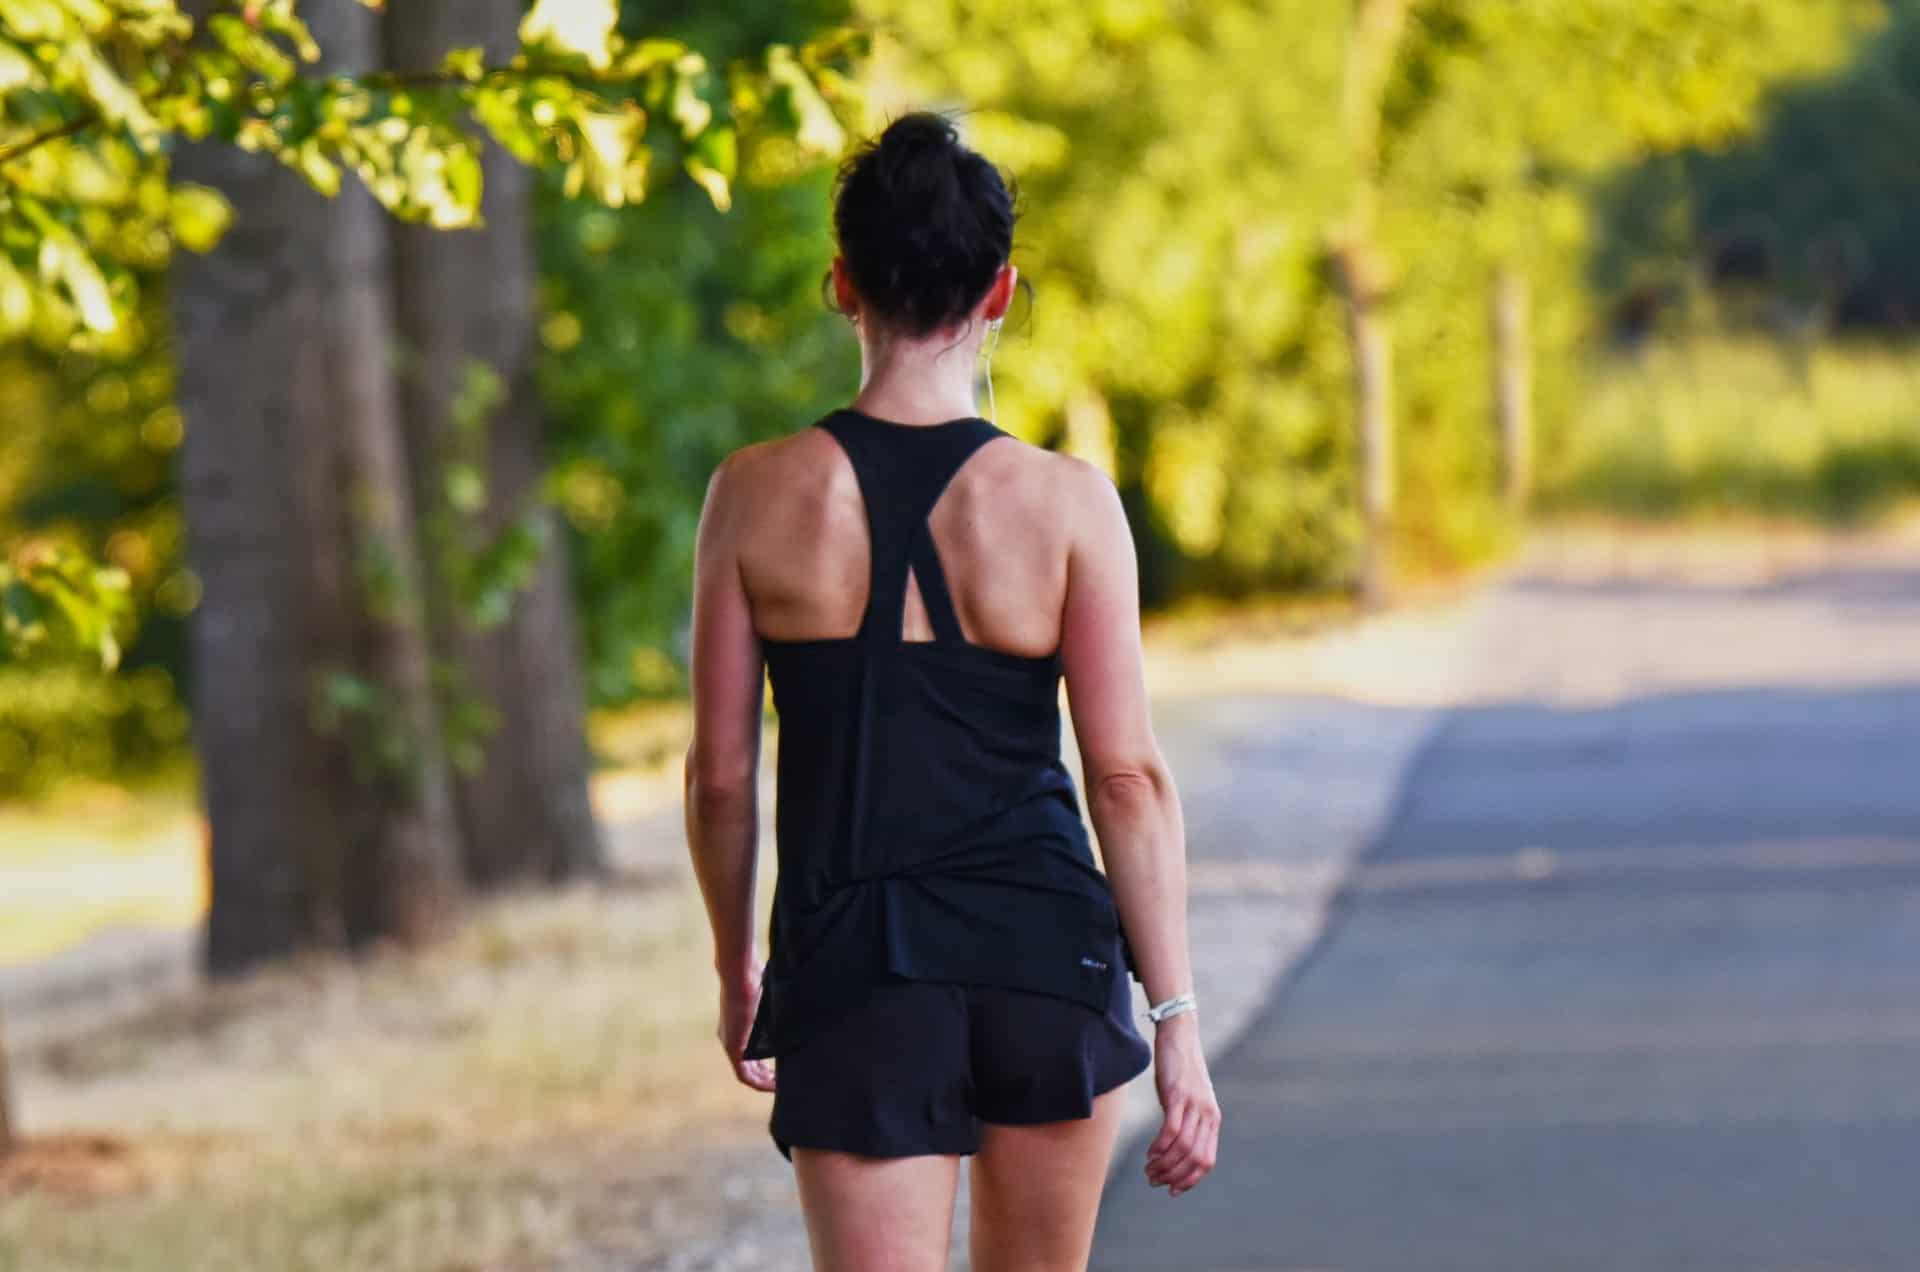 Trainingsplan für Frauen: Alle wichtigen Tipps und Übungen